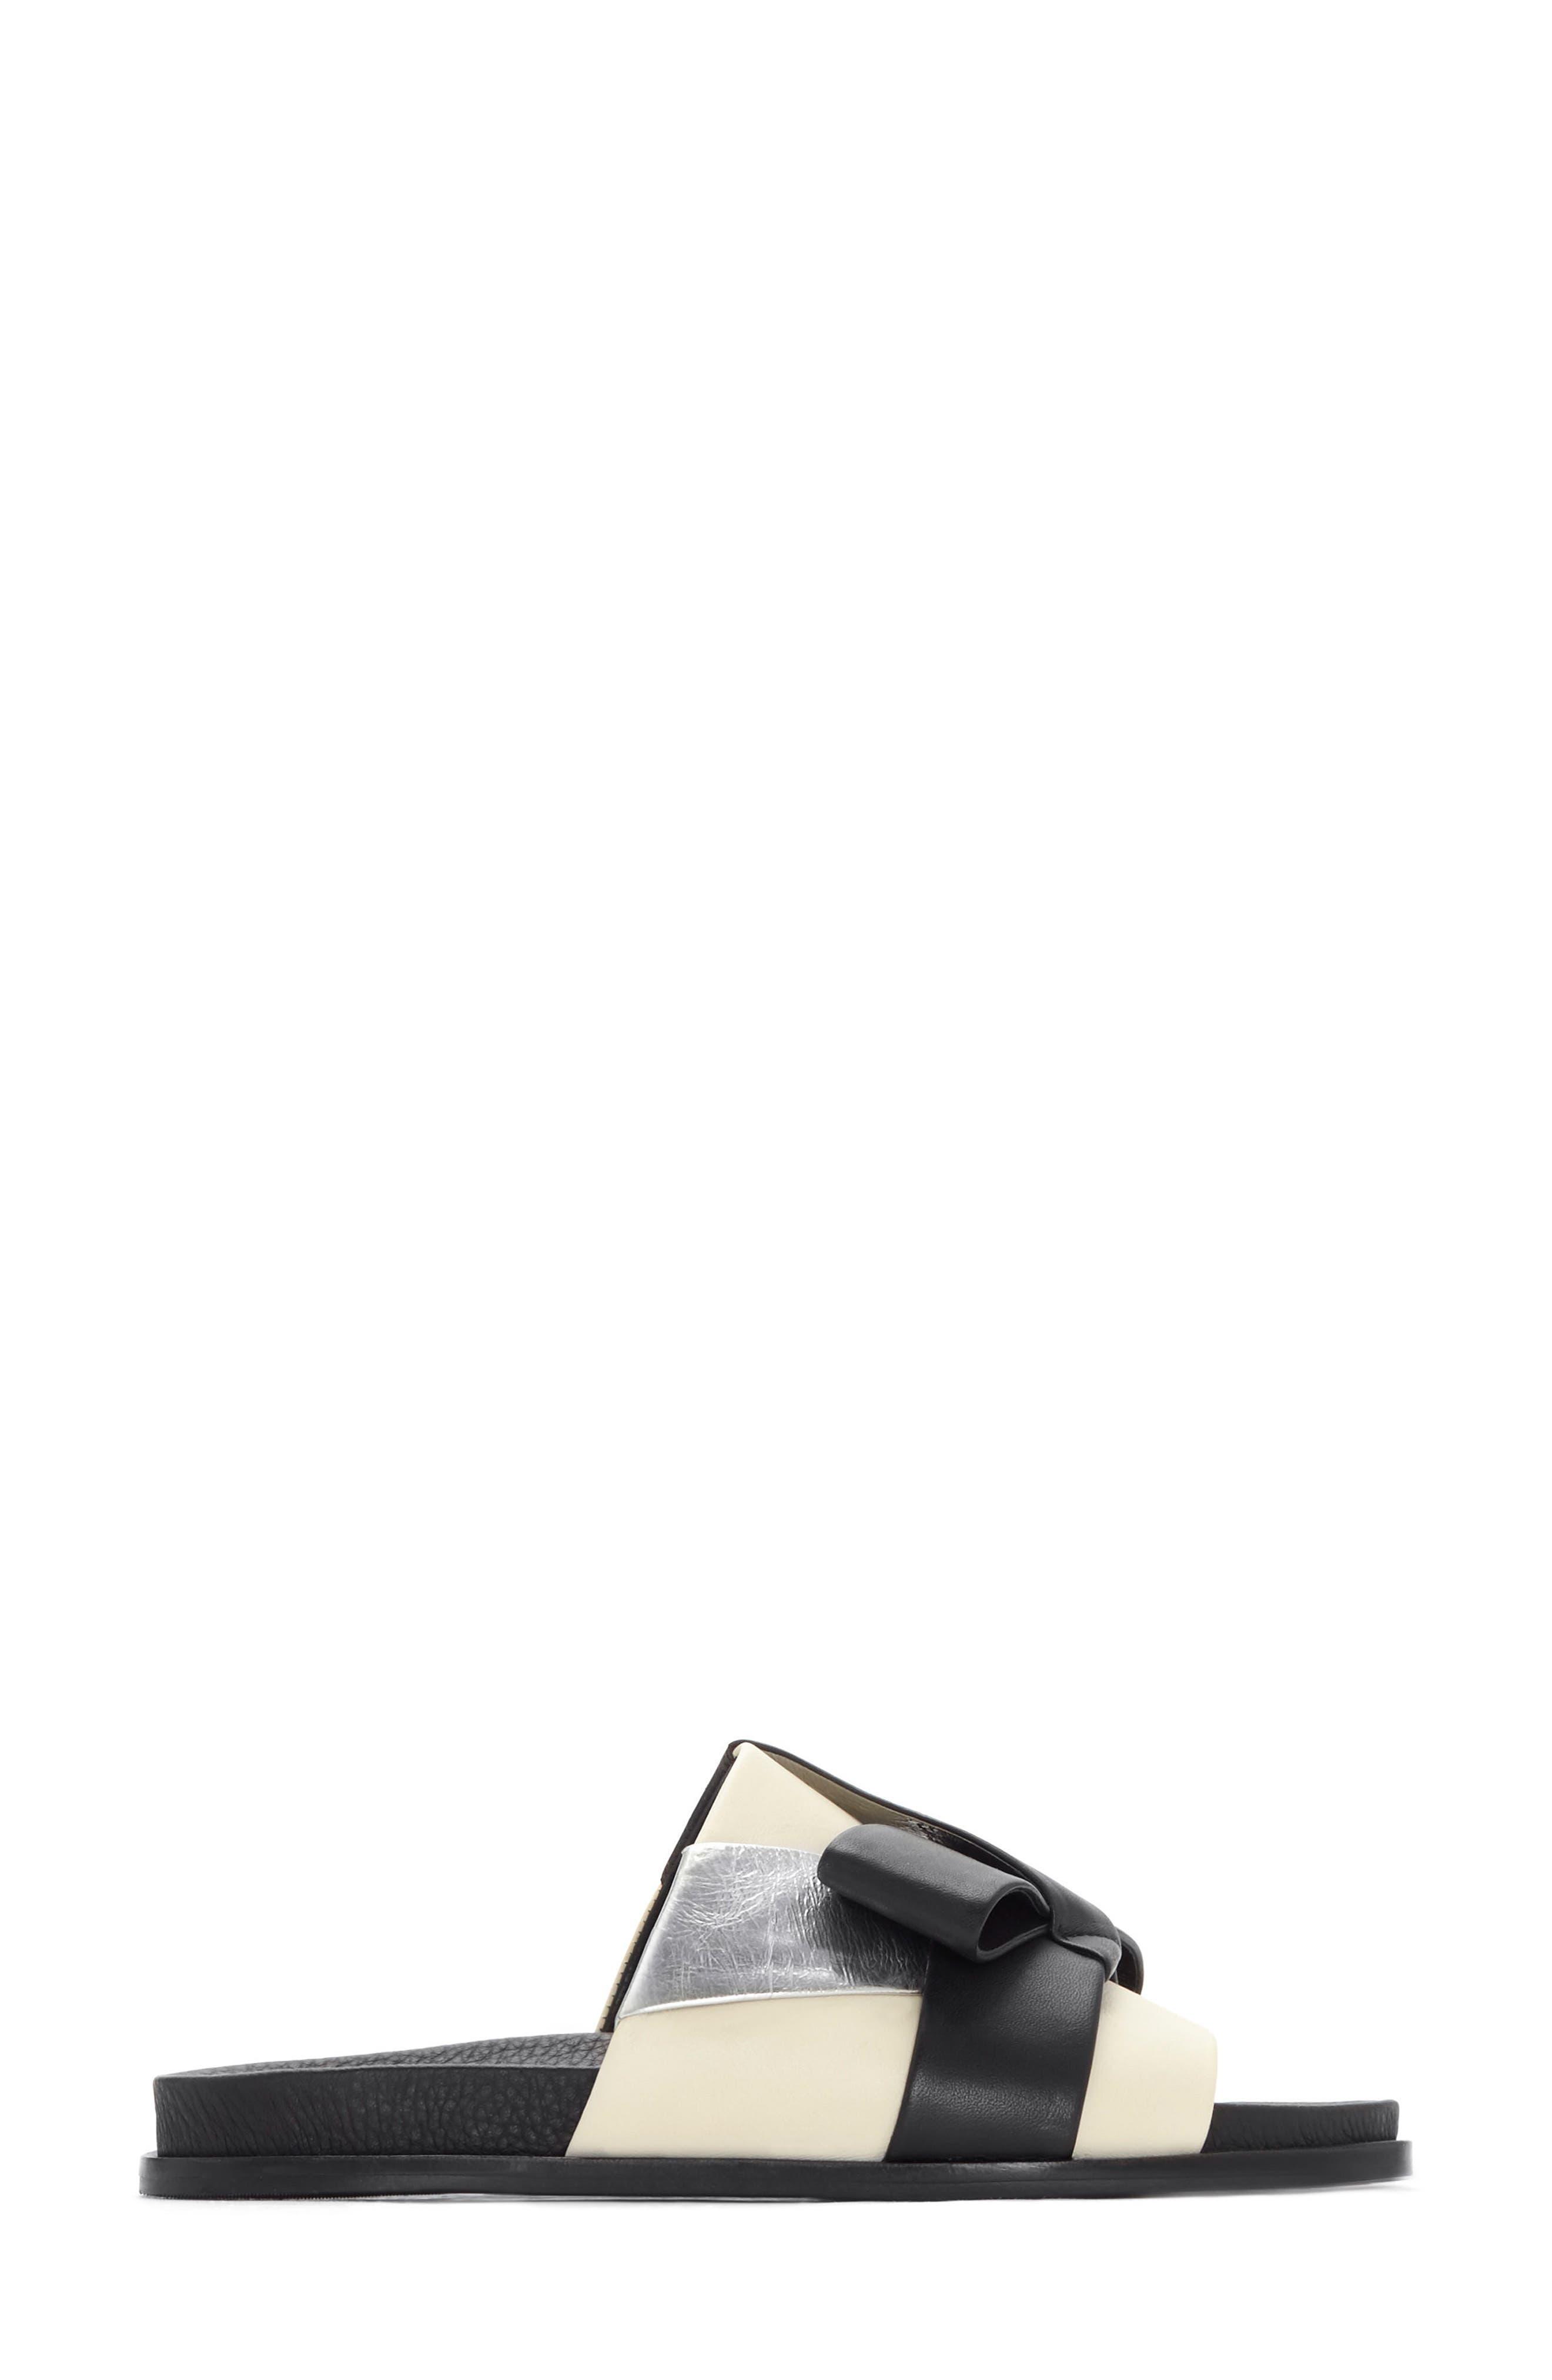 Dafne Slide Sandal,                             Alternate thumbnail 2, color,                             001